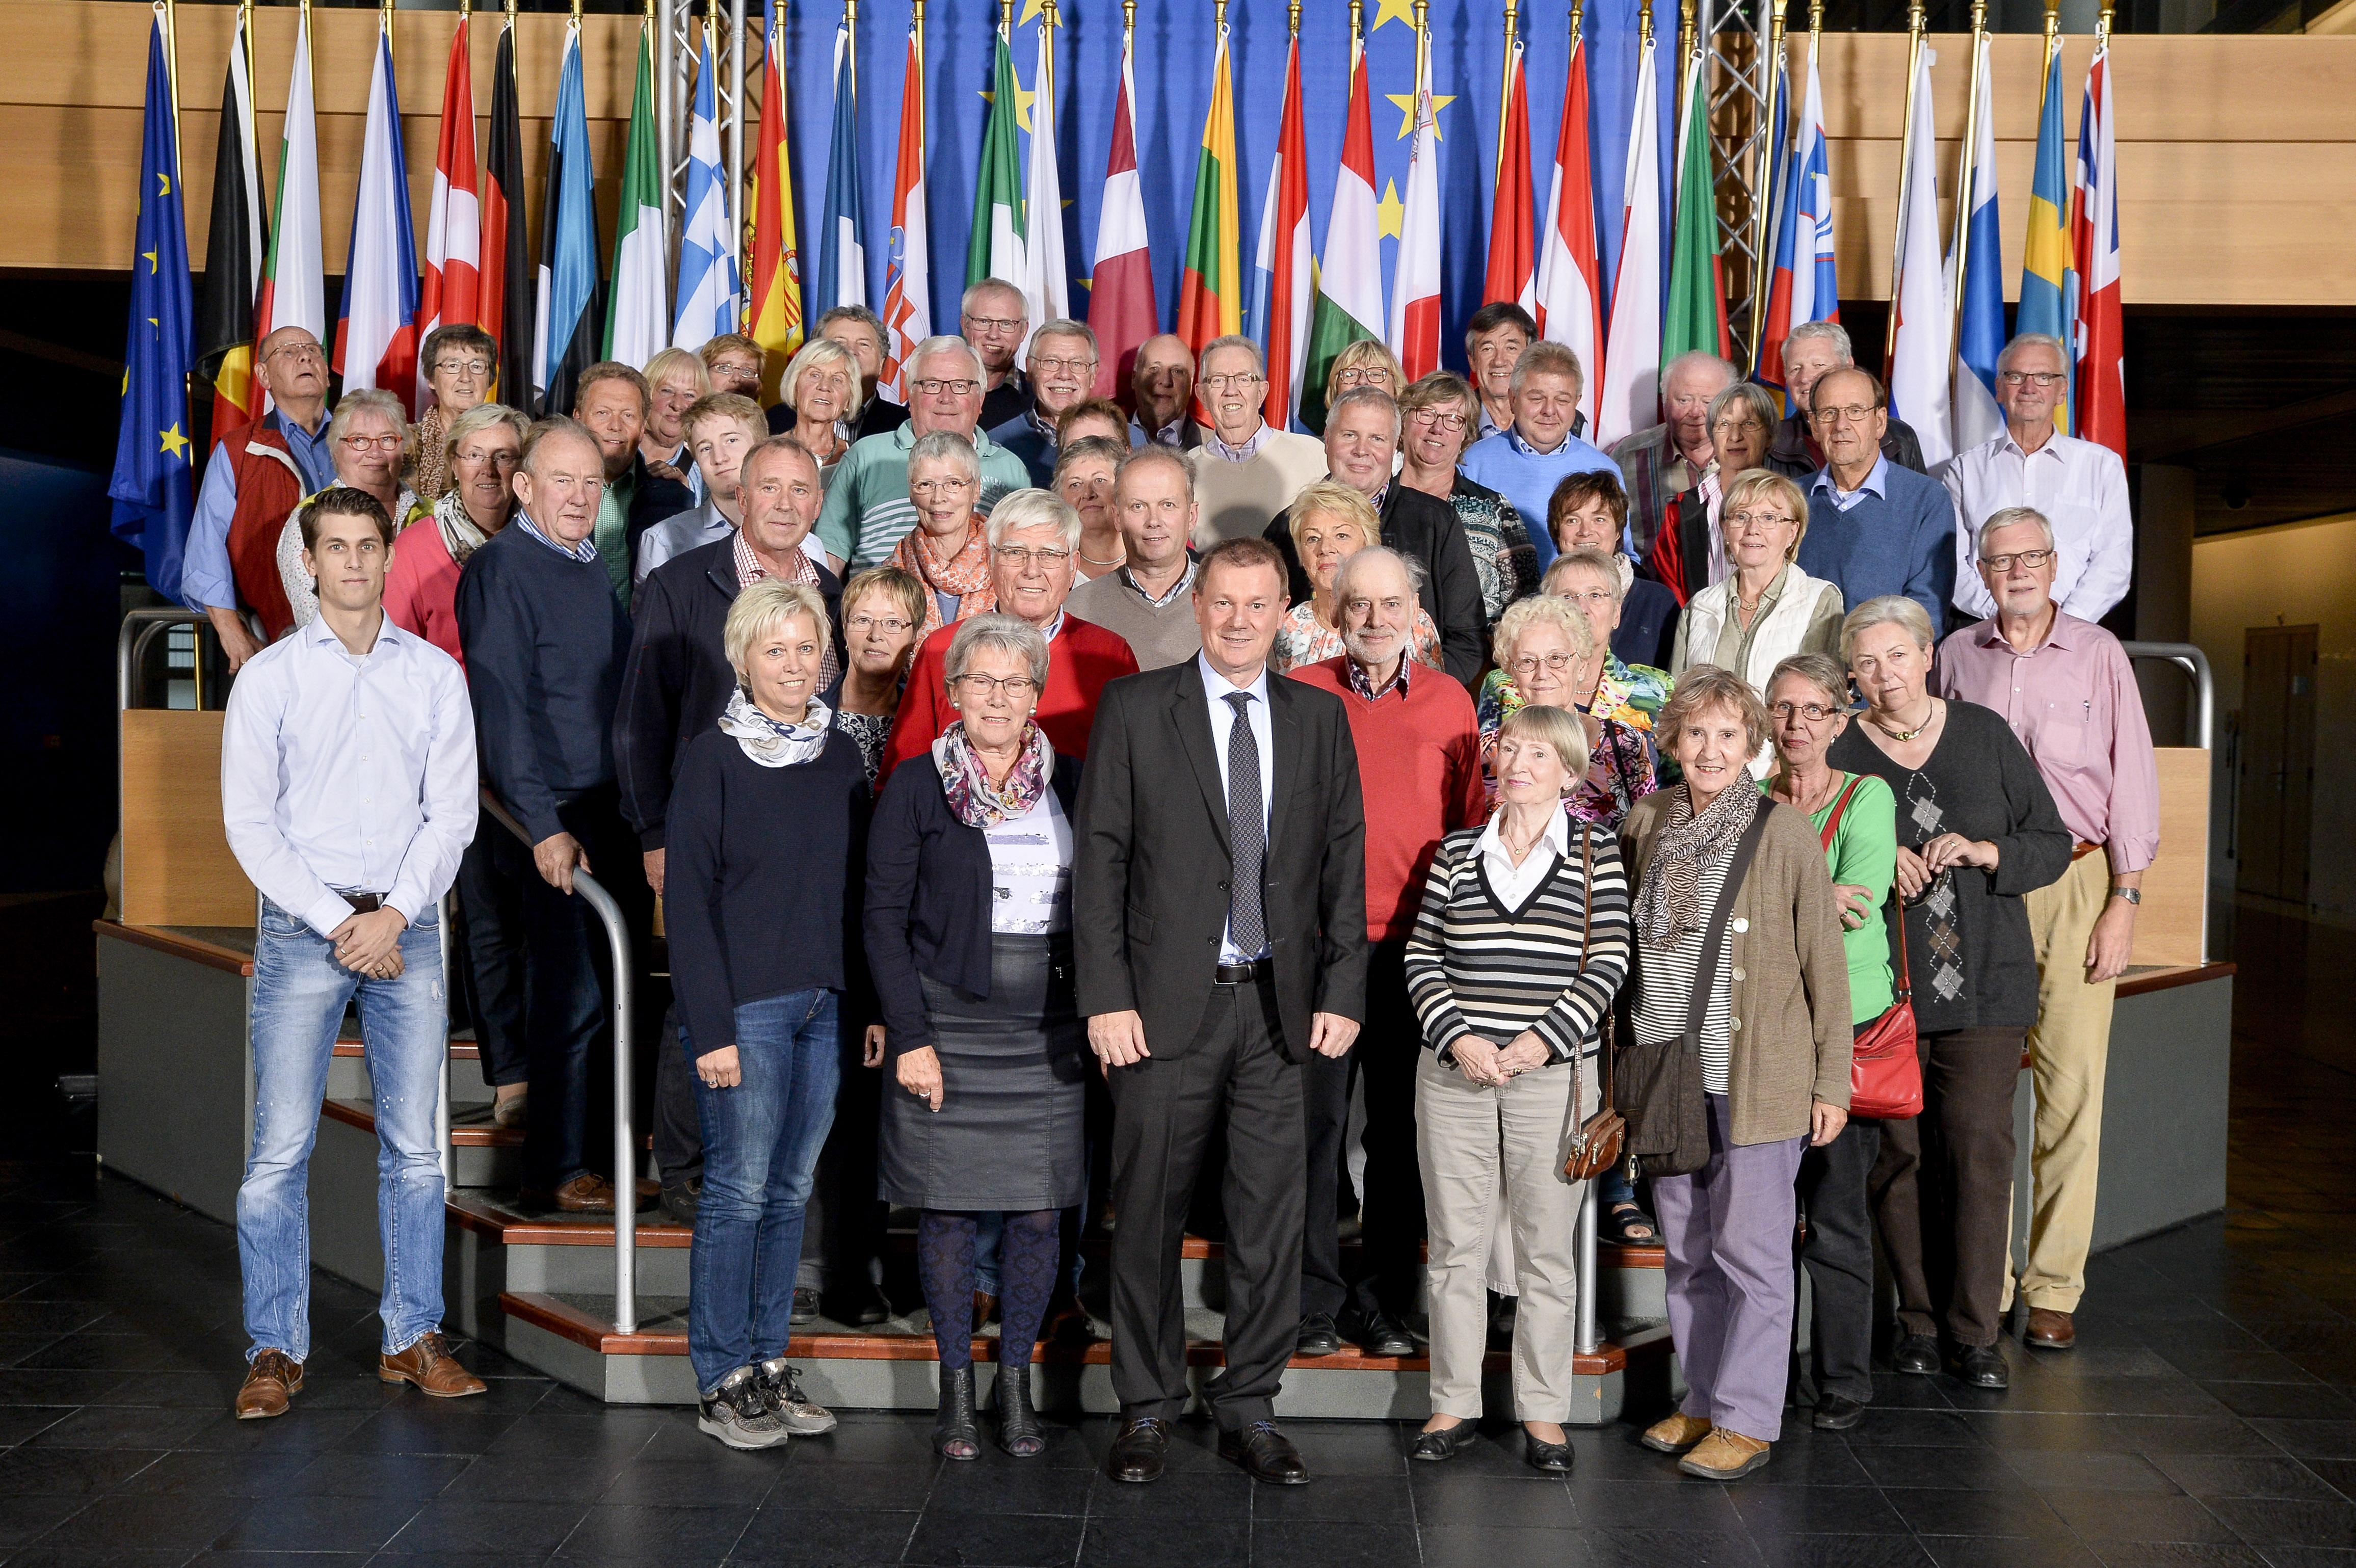 Foto: © Europäische Union 2016